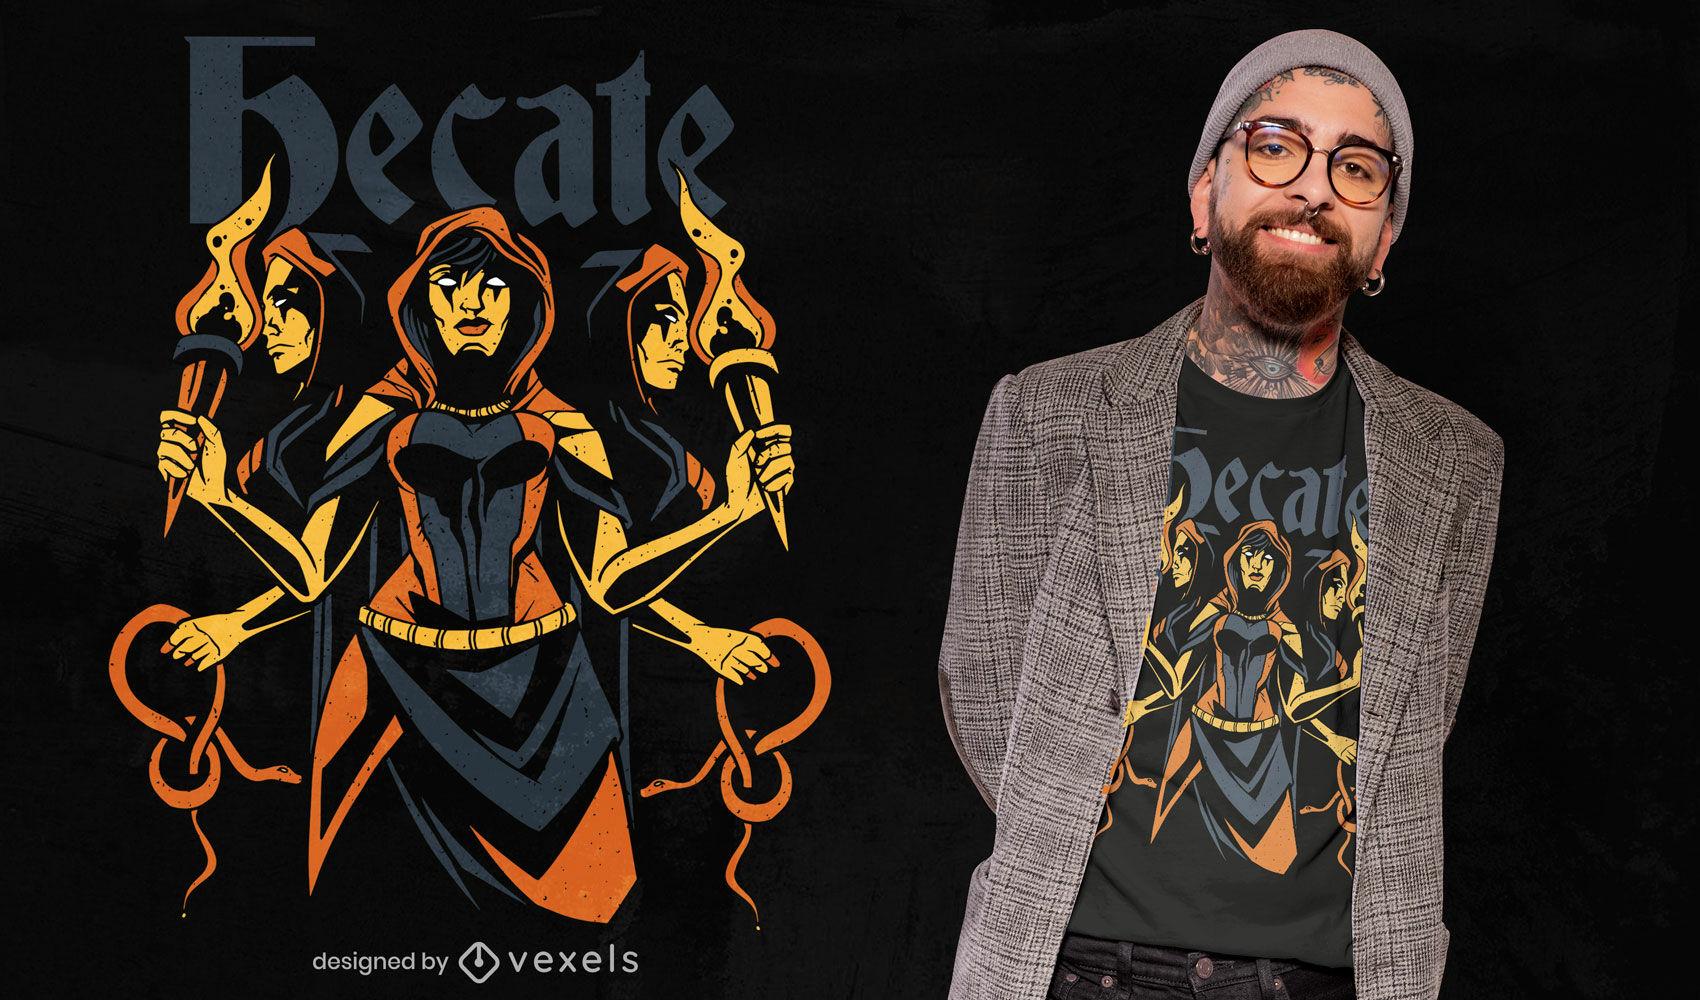 Hecate greek goddess t-shirt design